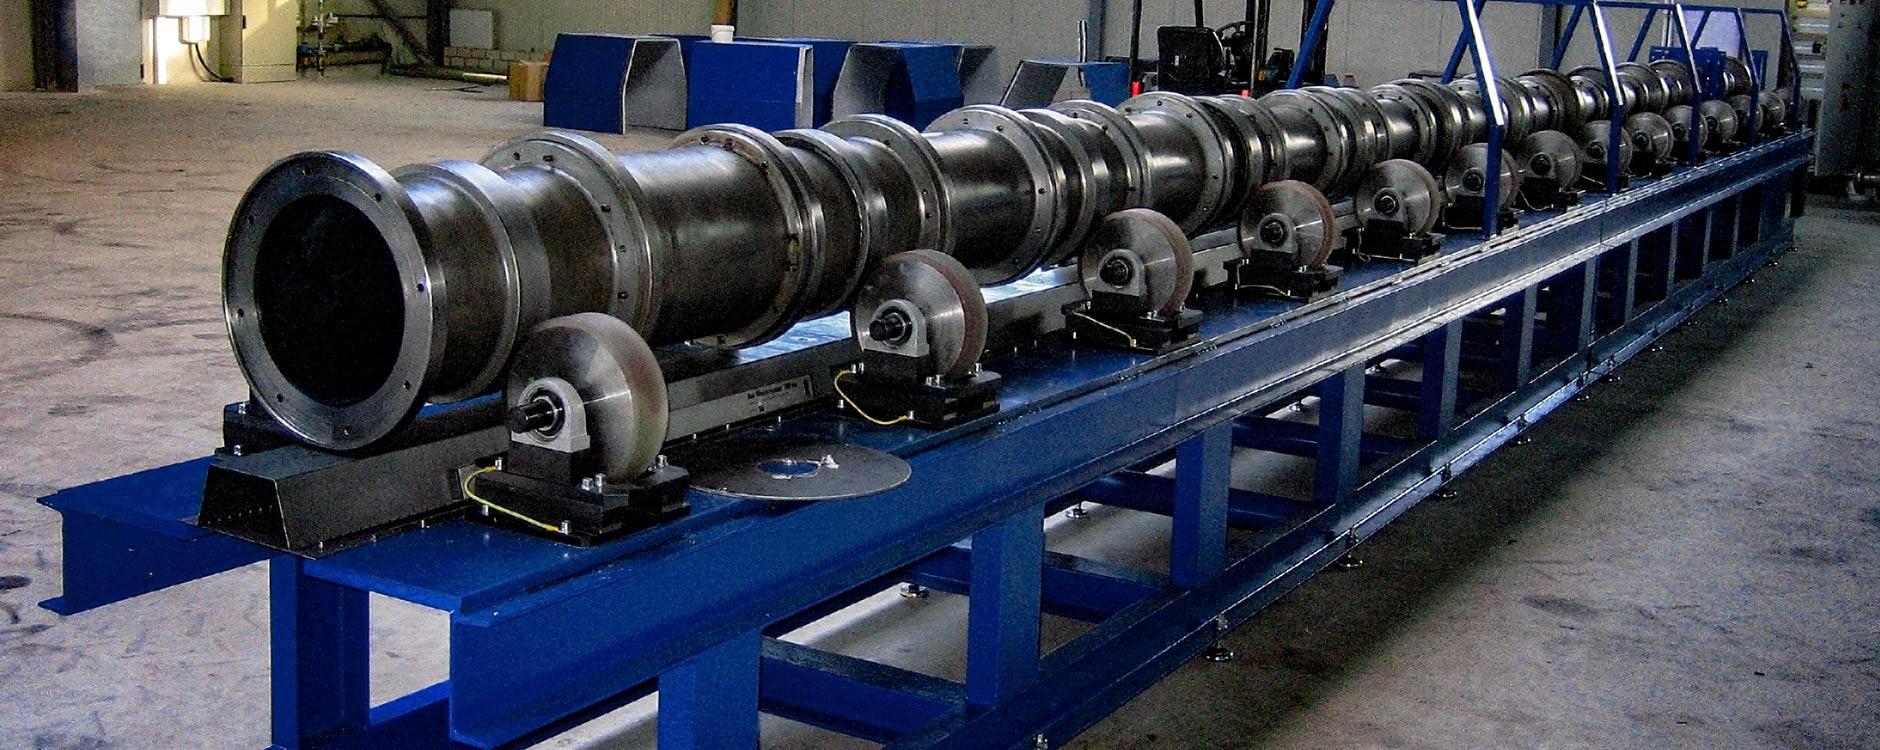 Wir liefern Schleuderbänke zur Herstellung von GFK-Masten